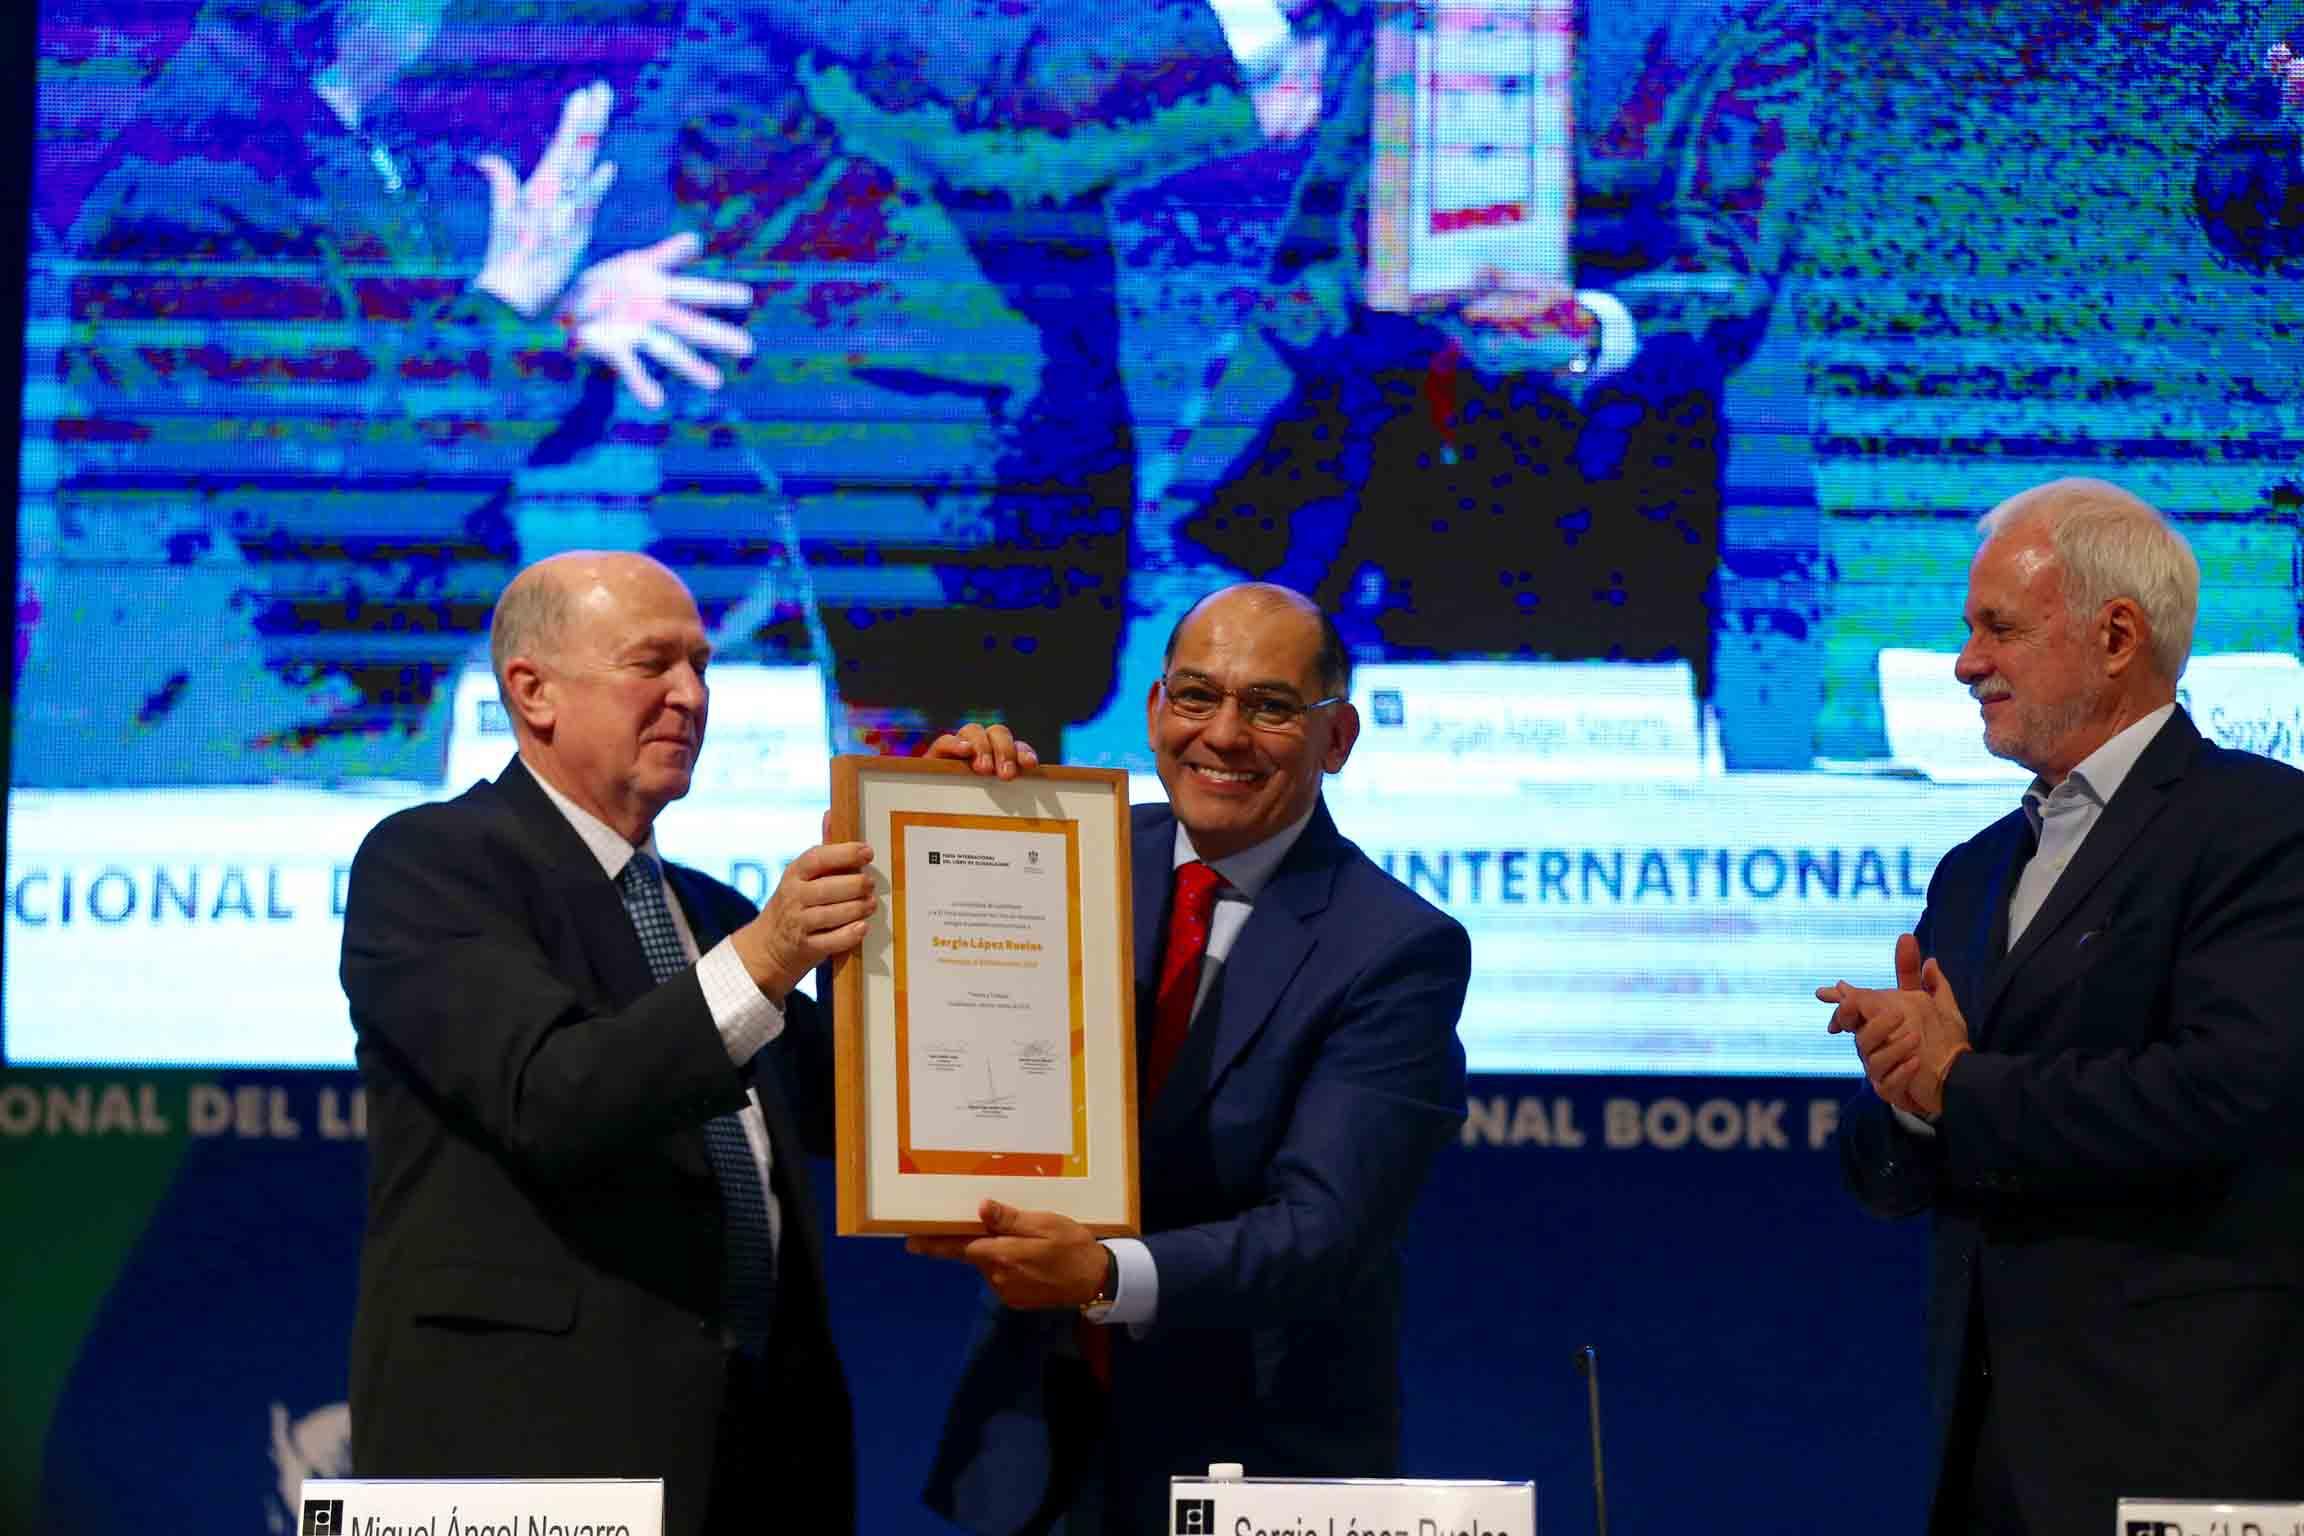 Presidente de la feria, licenciado Raúl Padilla López y el Rector general doctor Miguel Ángel Navarro Navarro haciendo entrega del reconocimiento al doctor Sergio López Ruelas